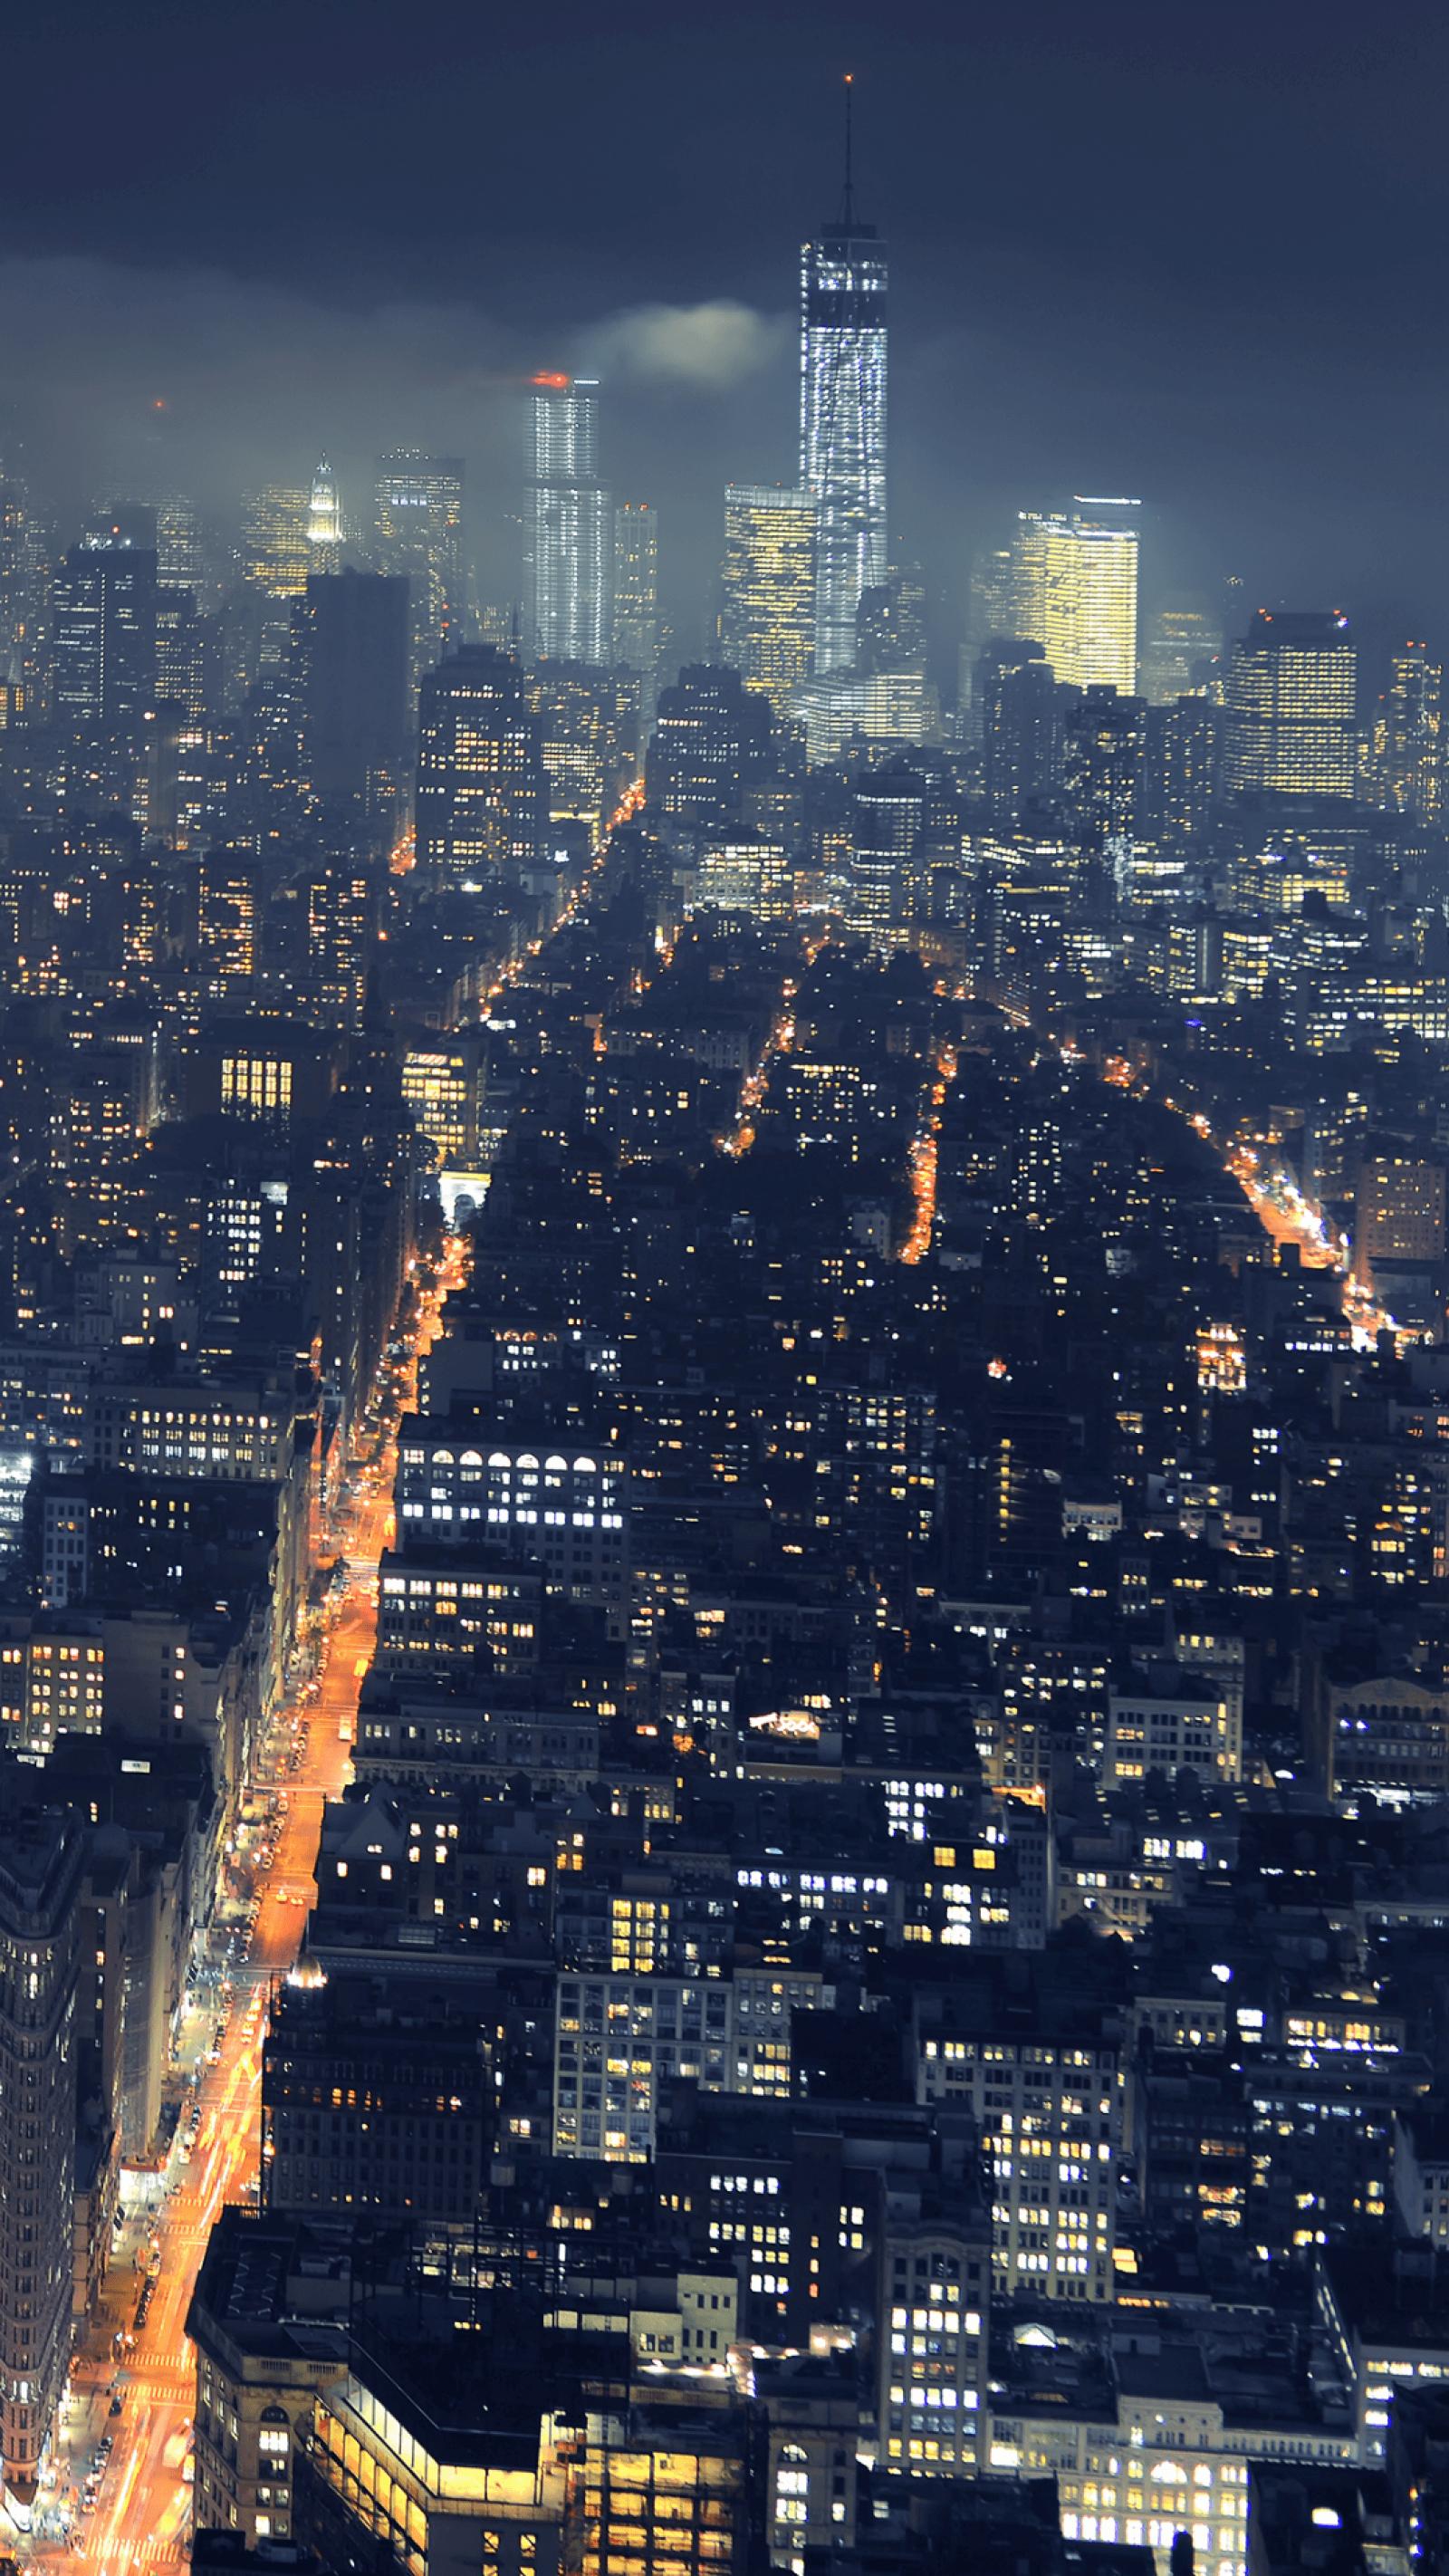 Ảnh đẹp điện thoại chất lượng 4k - thành phố lúc về đêm